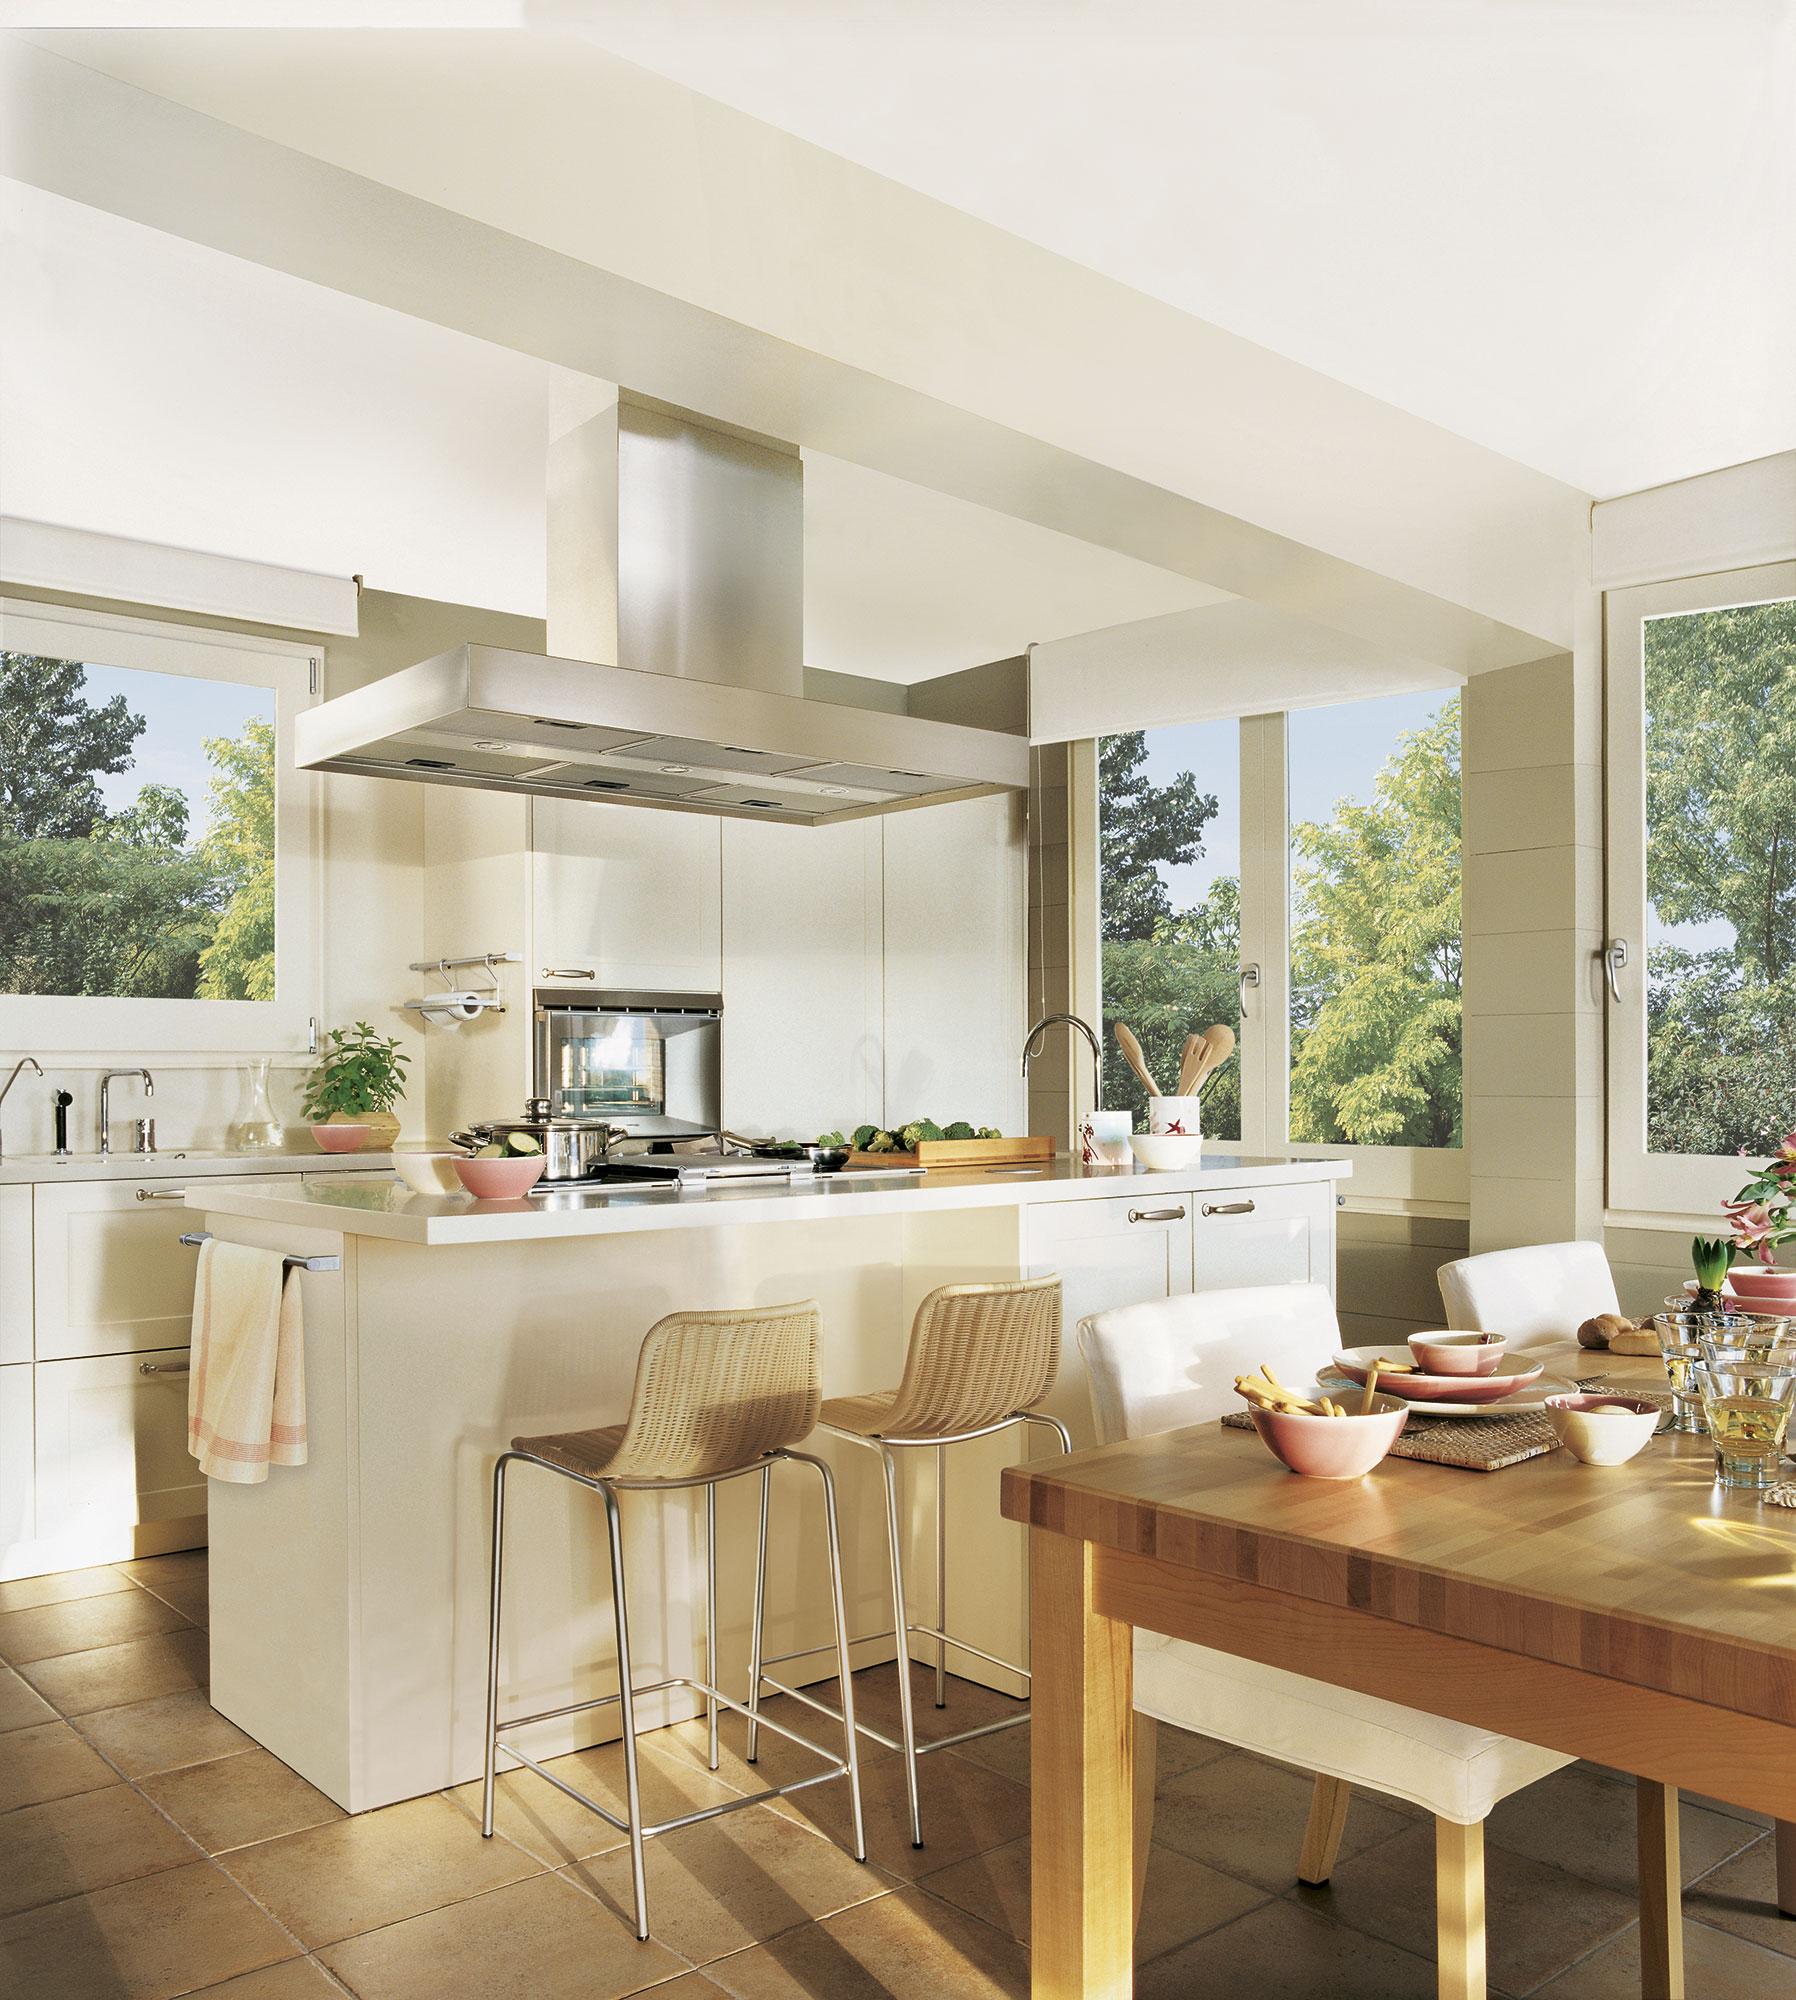 Decotips claves para ganar calidez en la cocina for Muebles de cocina para encimera